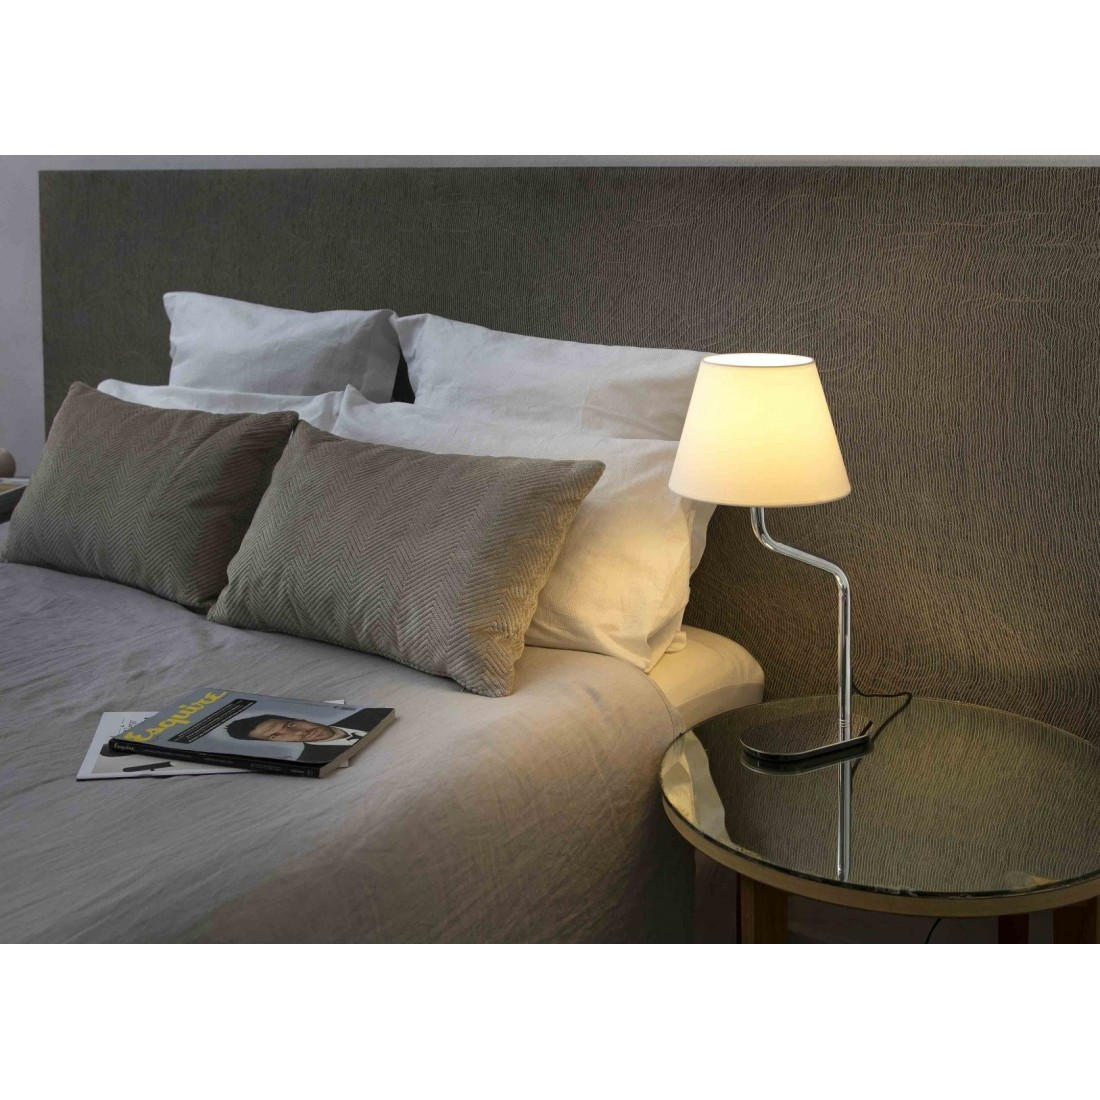 Comprar l mparas de techo tela ajustable luminarias de - Lamparas de tela para techo ...